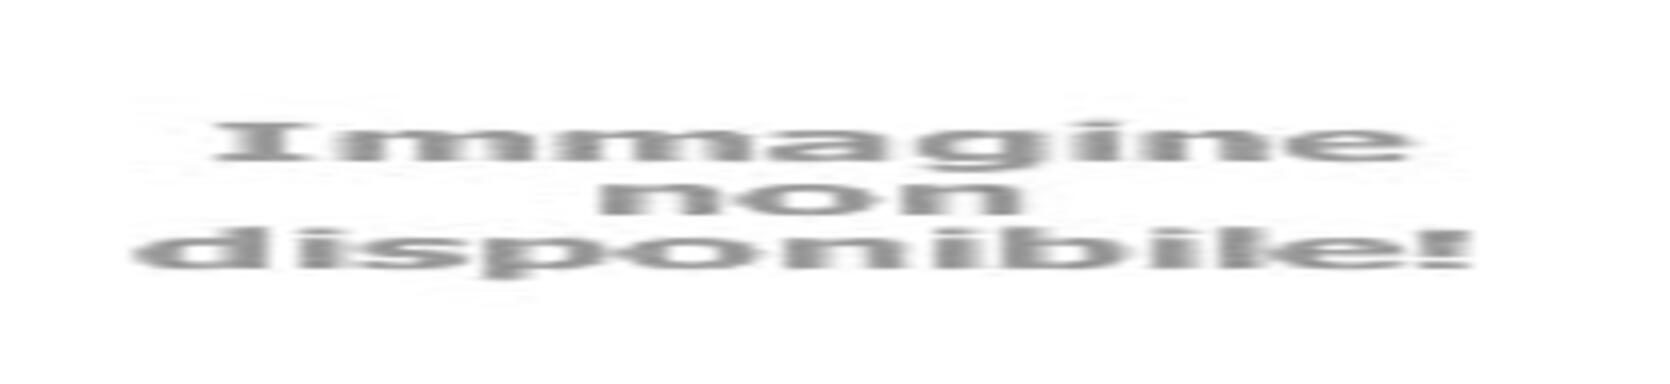 basketriminicrabs it 2-2629-settore-giovanile-u20-a-che-vittorie-contro-cesenatico-e-lugo 003